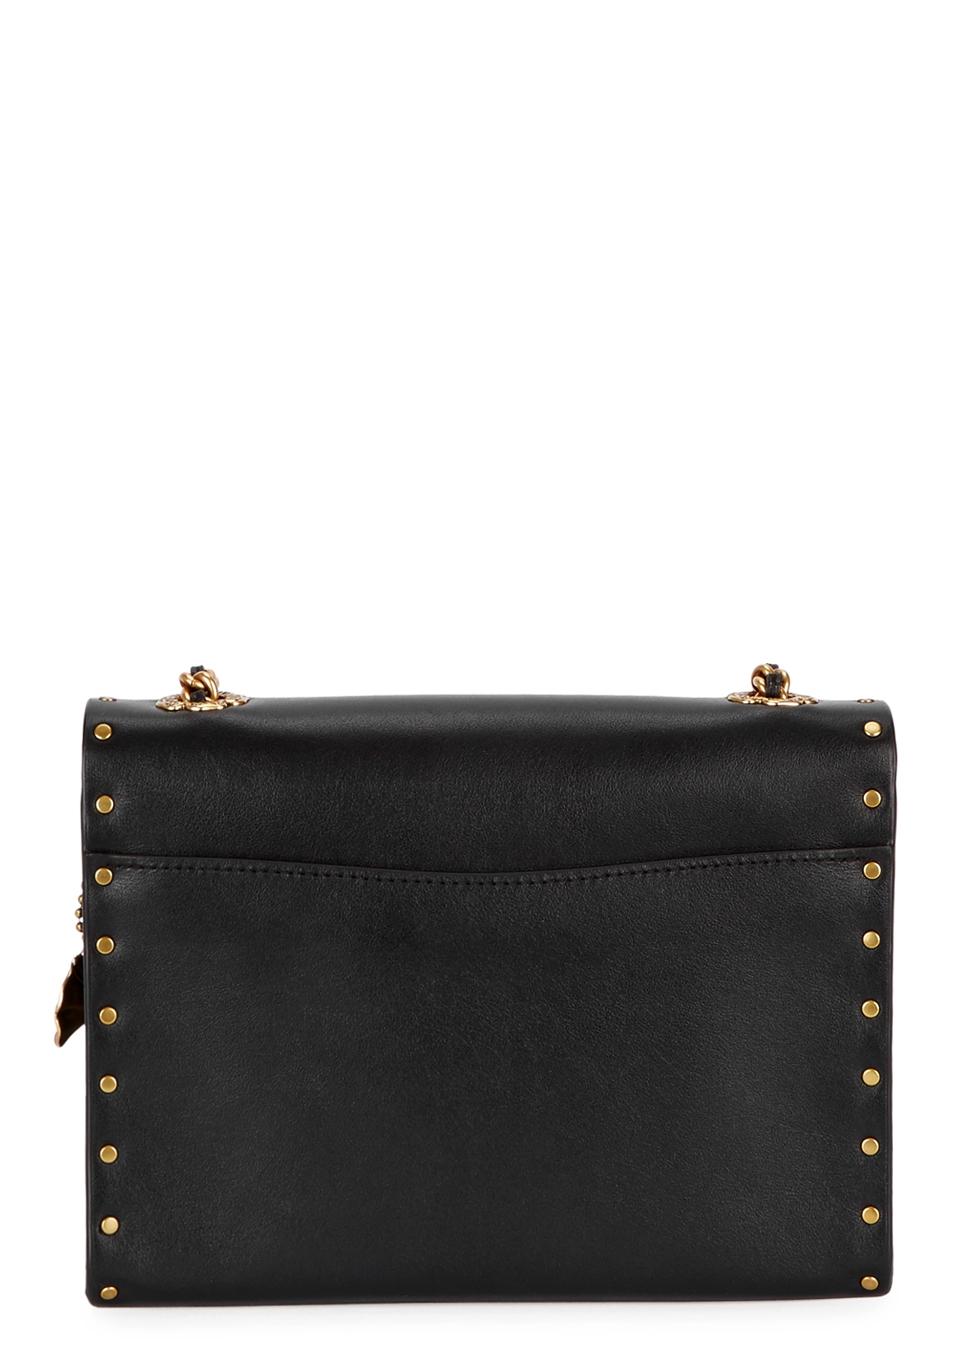 Parker 18 black leather shoulder bag - Coach